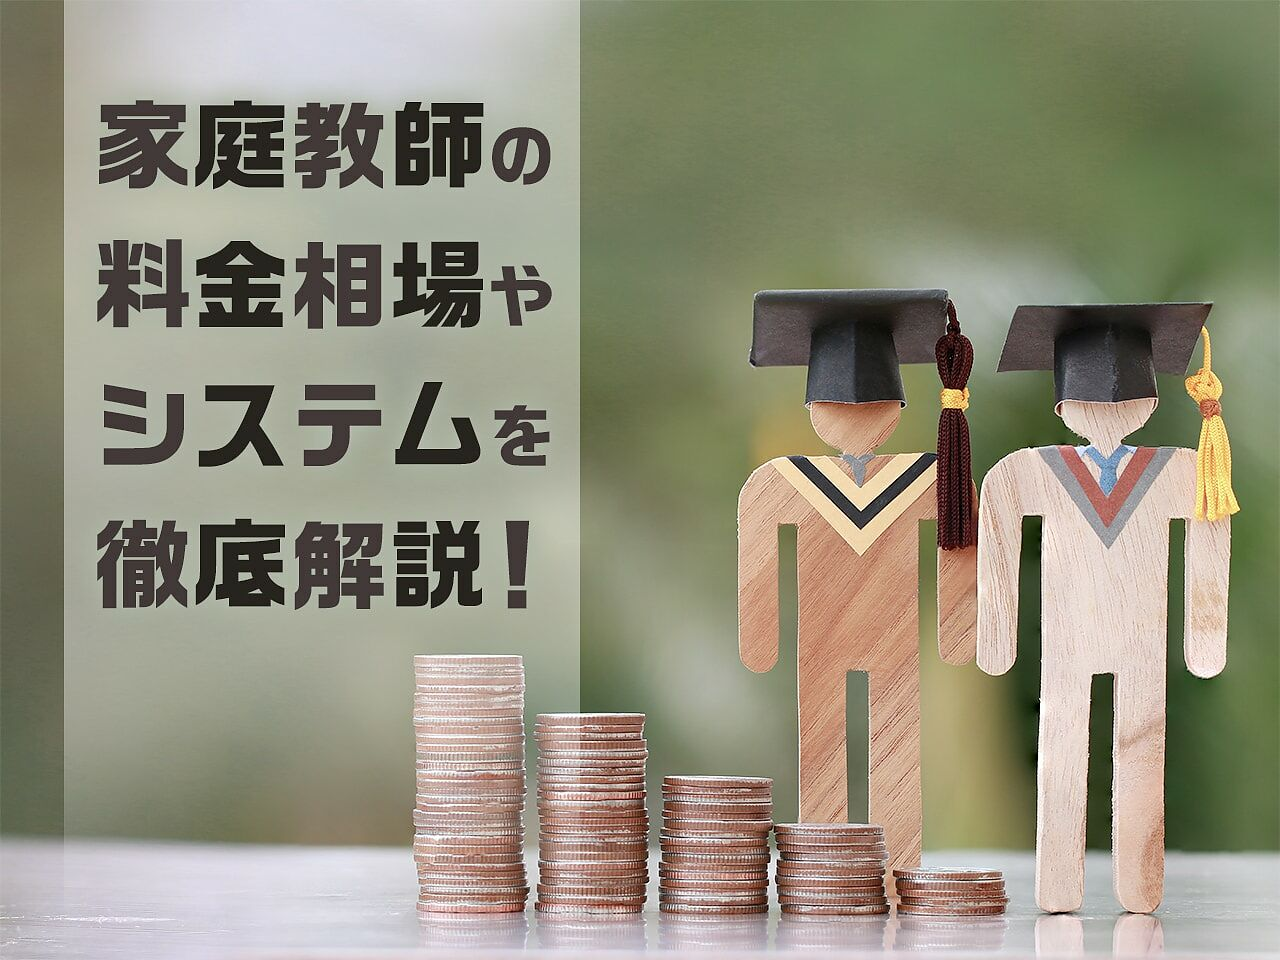 家庭教師の料金、塾よりも安くできるって本当?相場と料金システムを詳しく解説!の画像